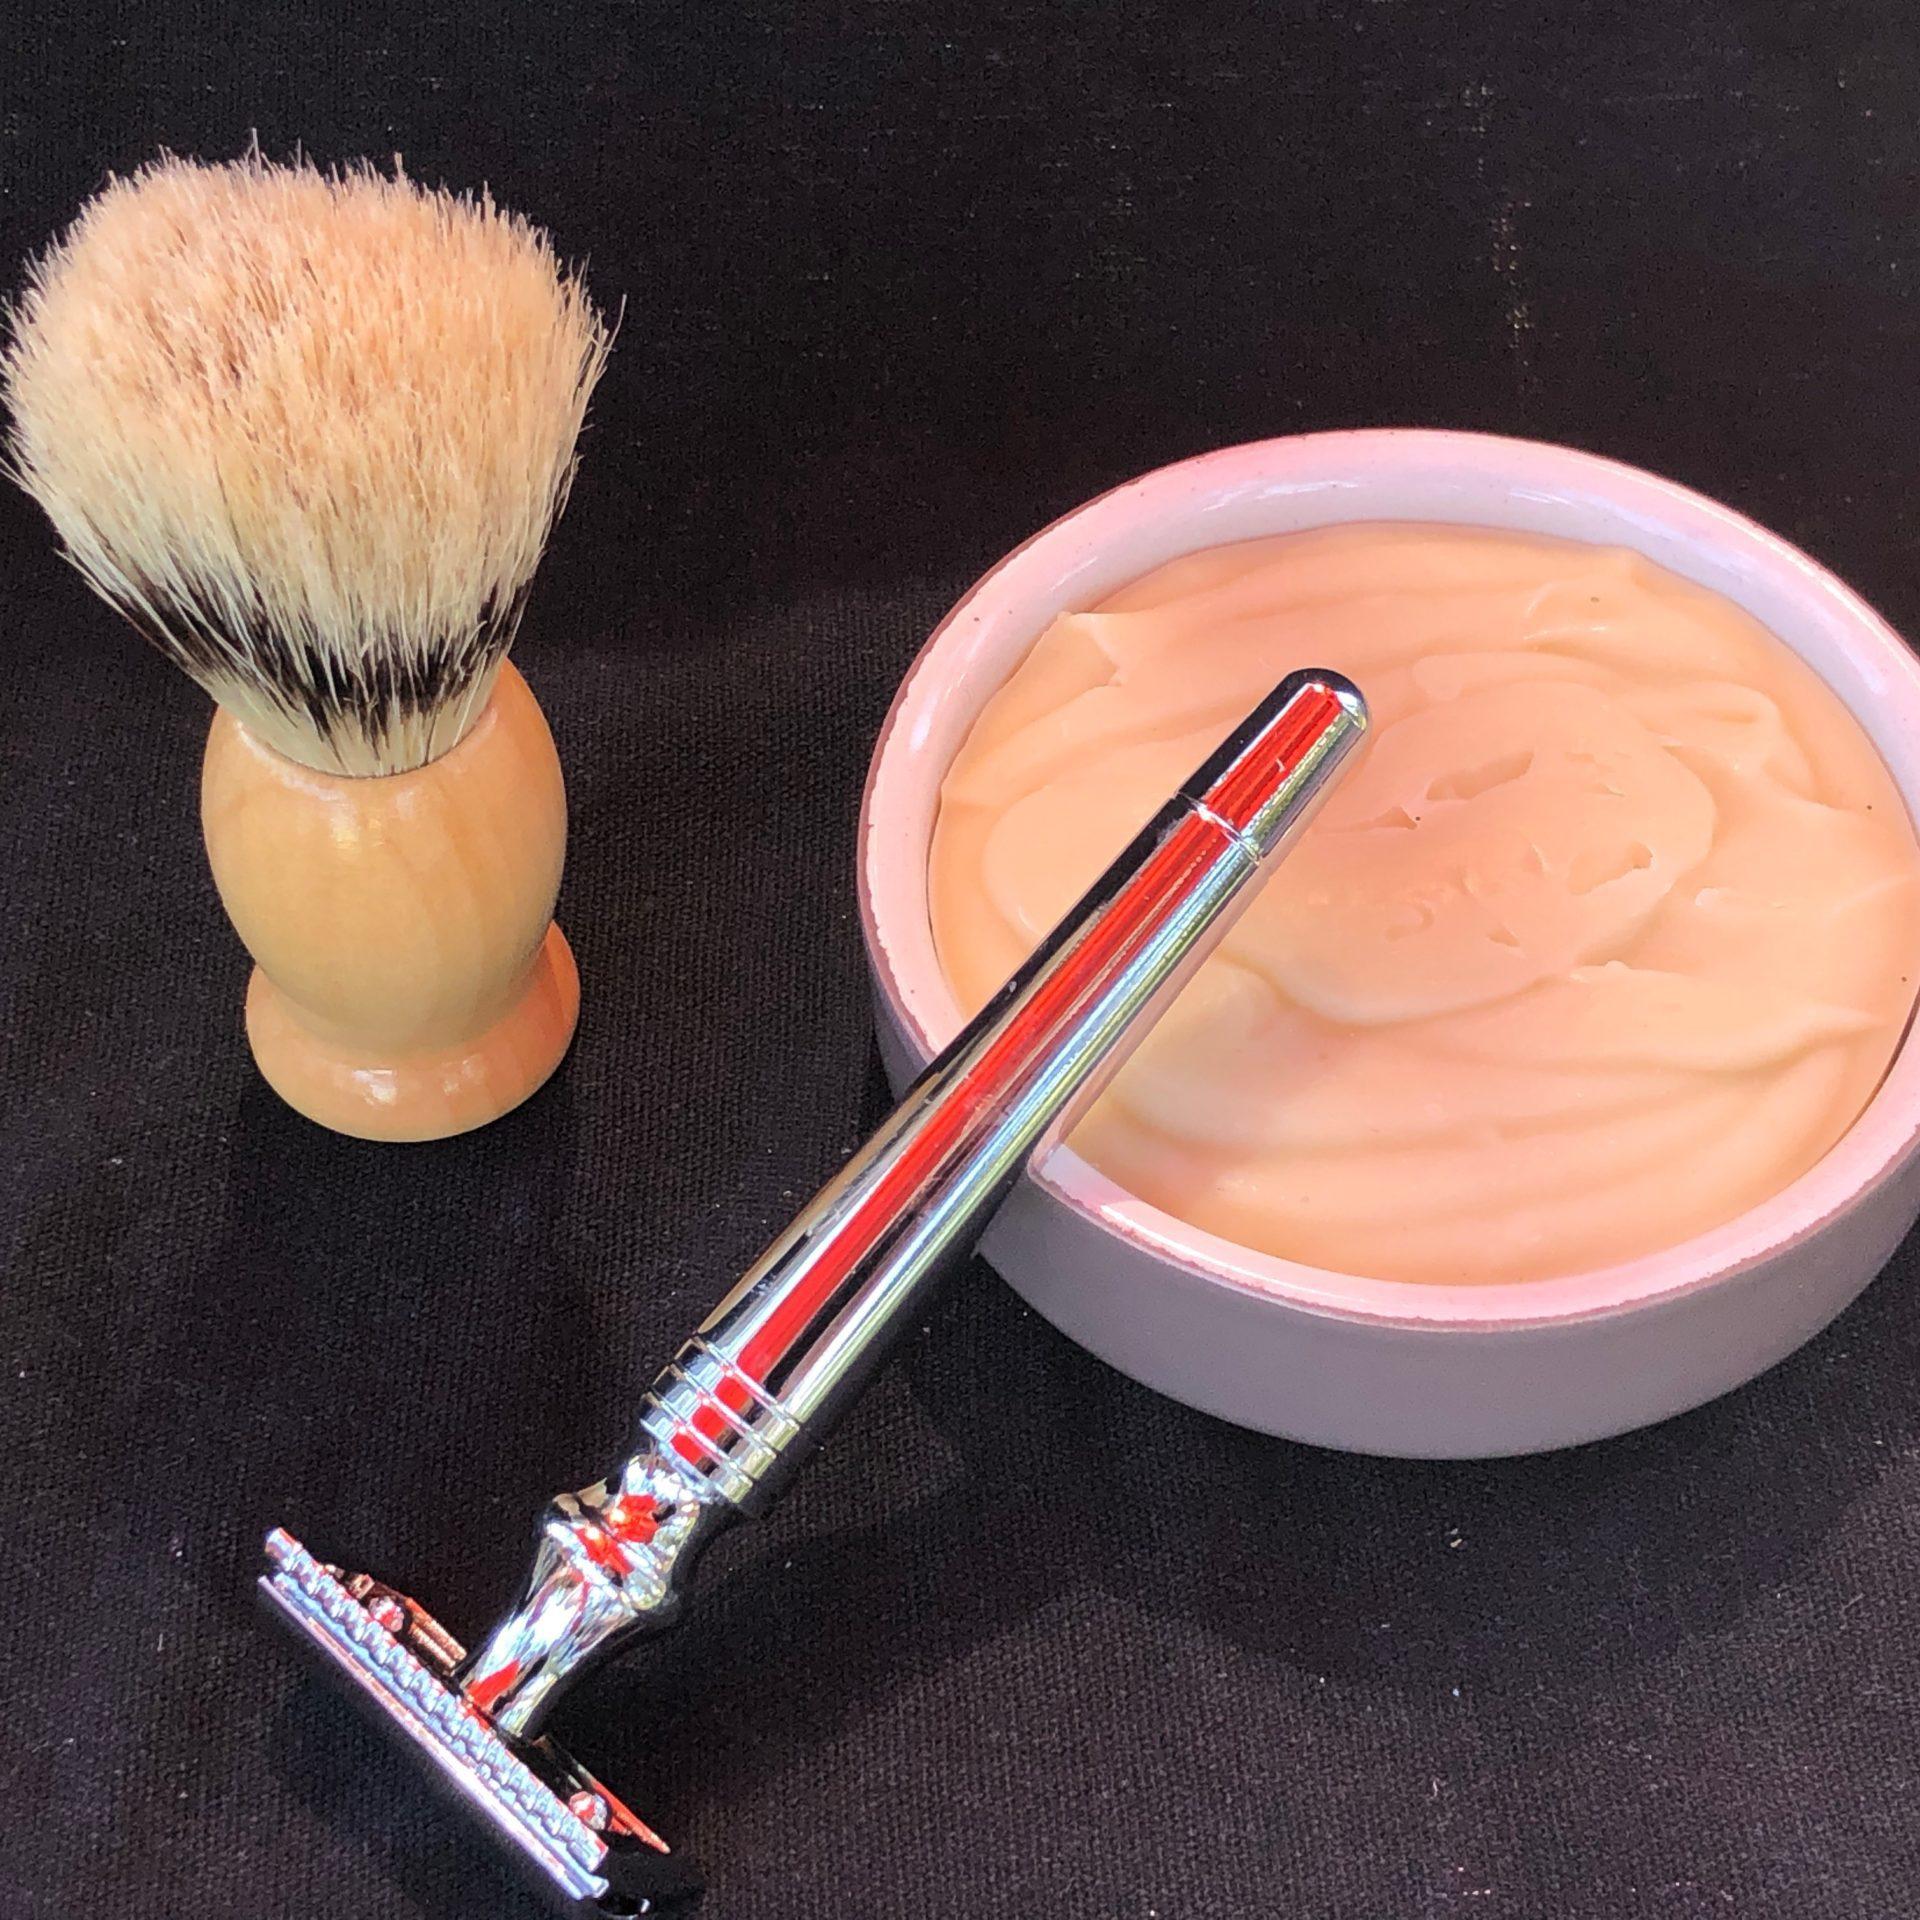 Idée cadeau pour homme : le savon à barbe, le blaireau, le rasoir et son support